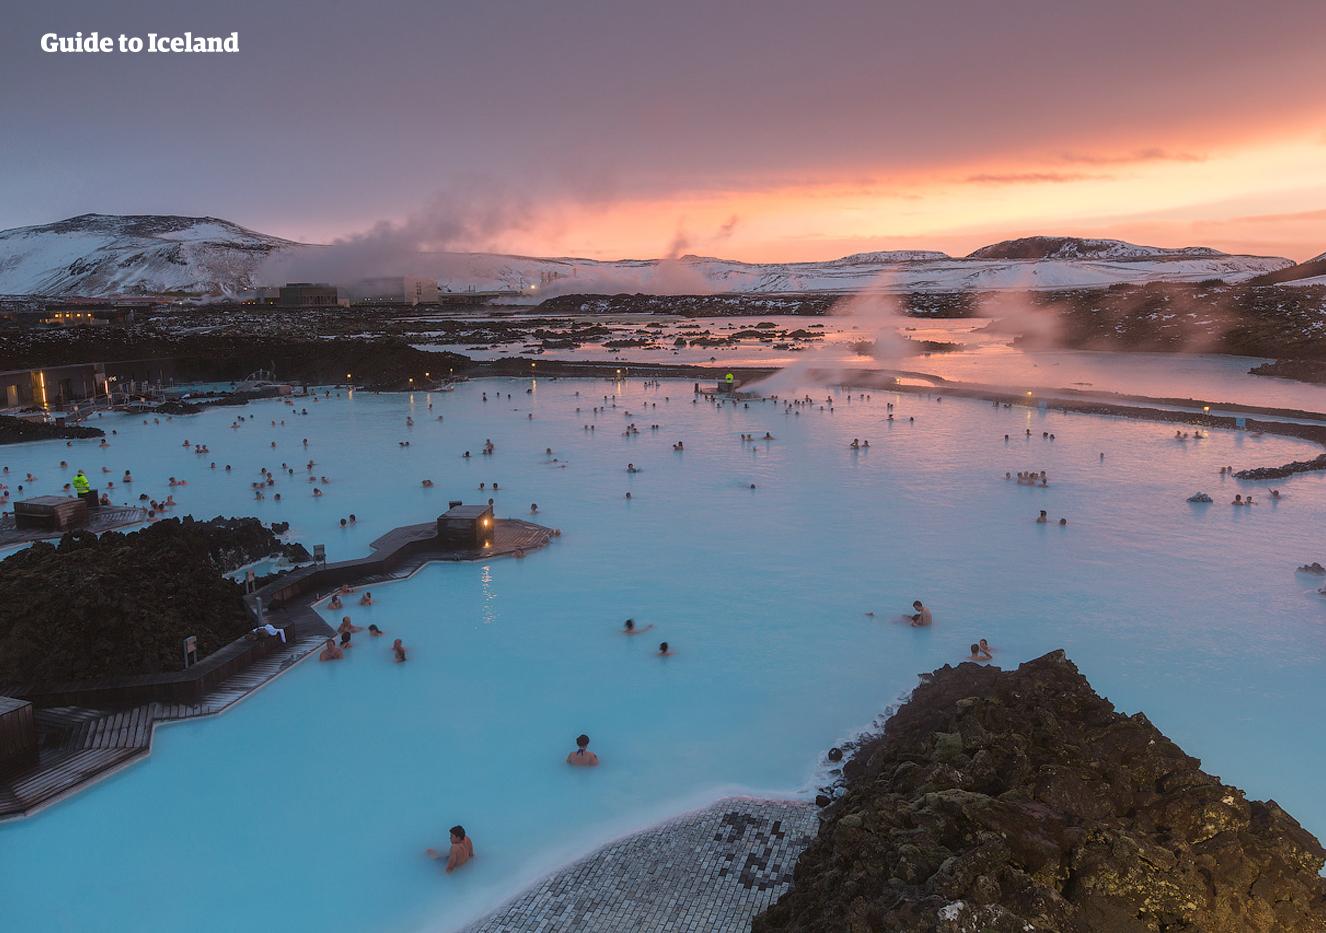 10 dni, samodzielna podróż   Dookoła Islandii zgodnie z ruchem wskazówek zegara - day 1